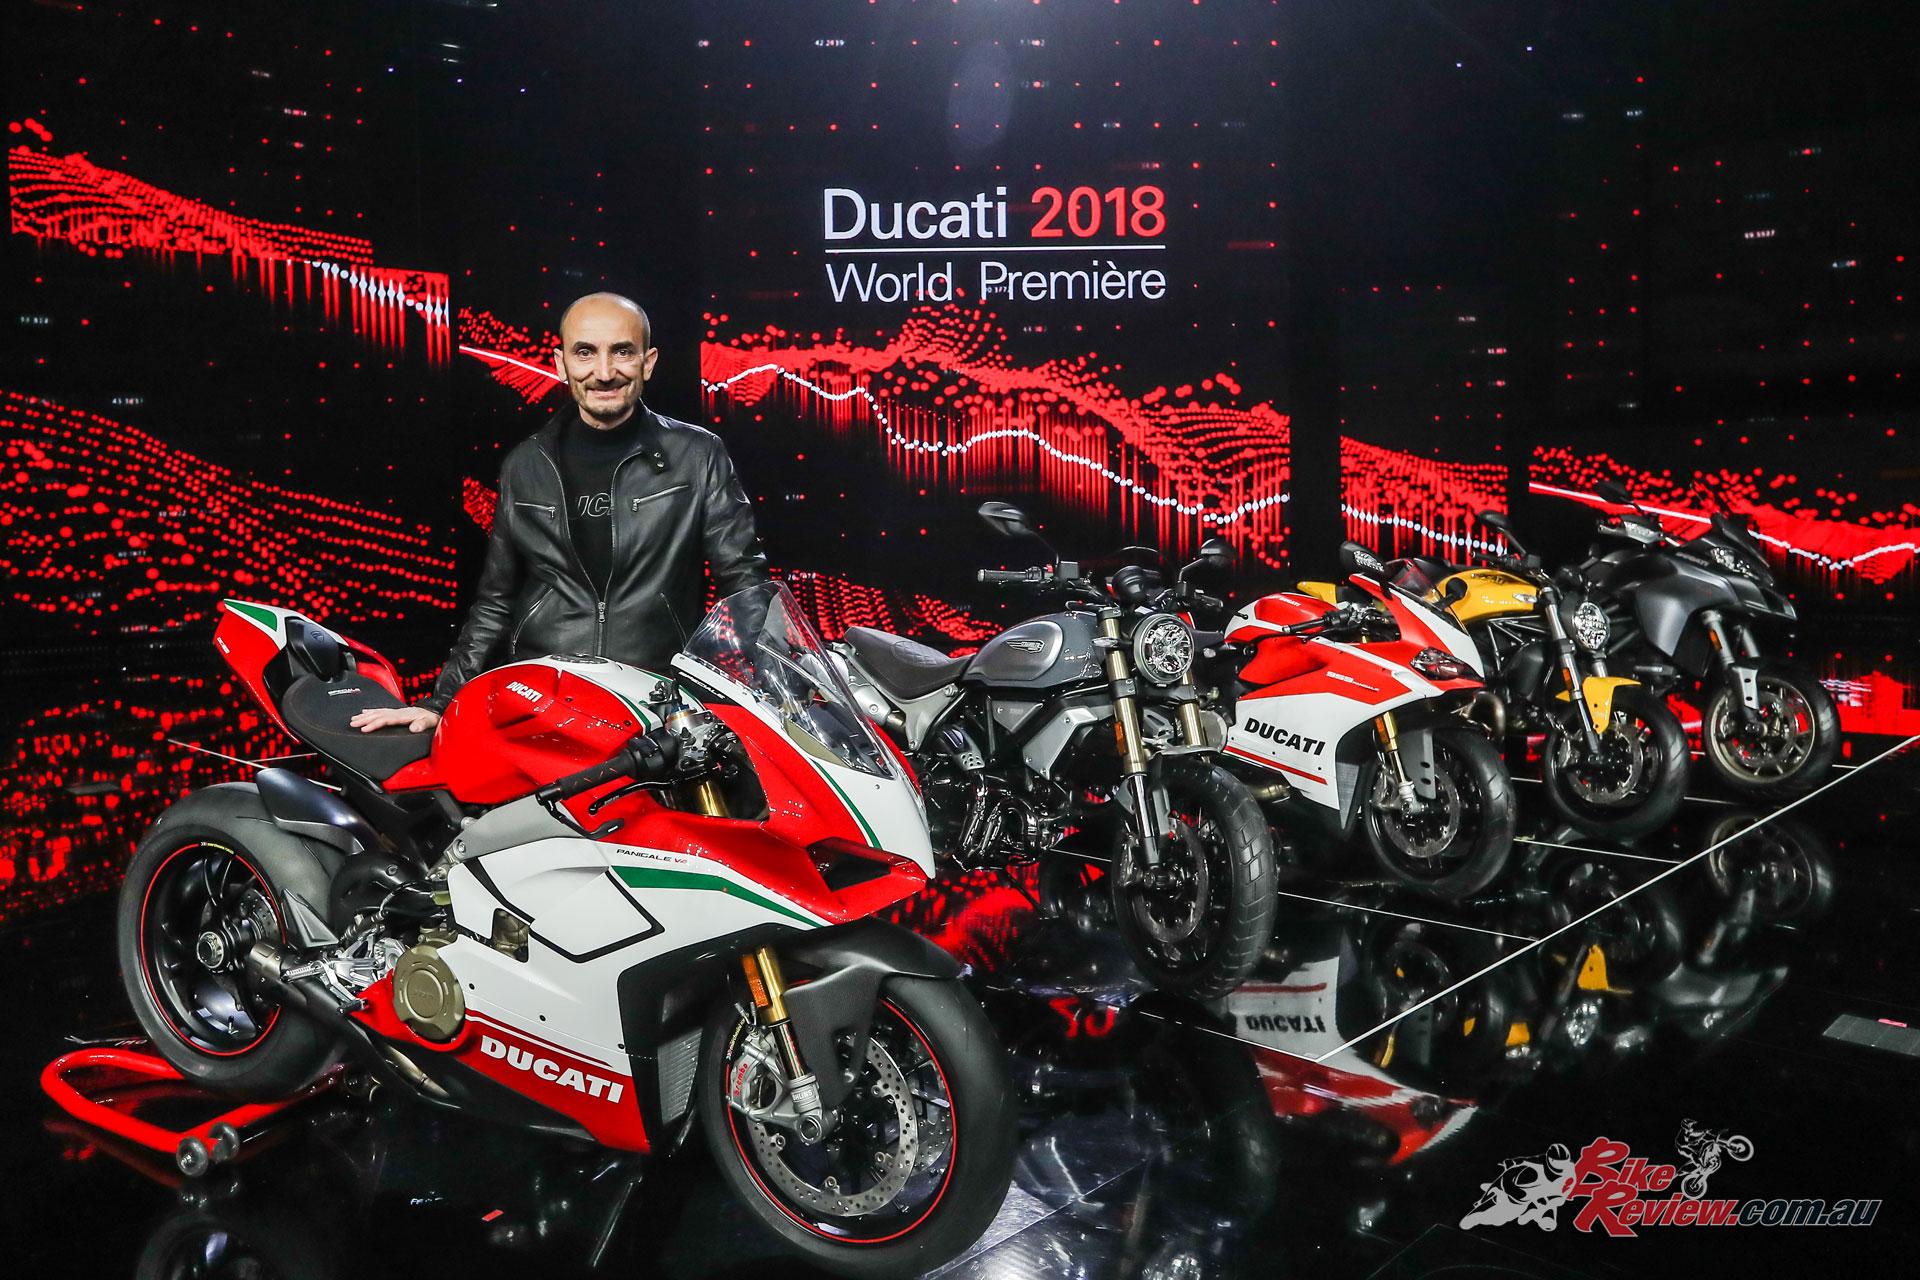 Ducati World Premiere 2018